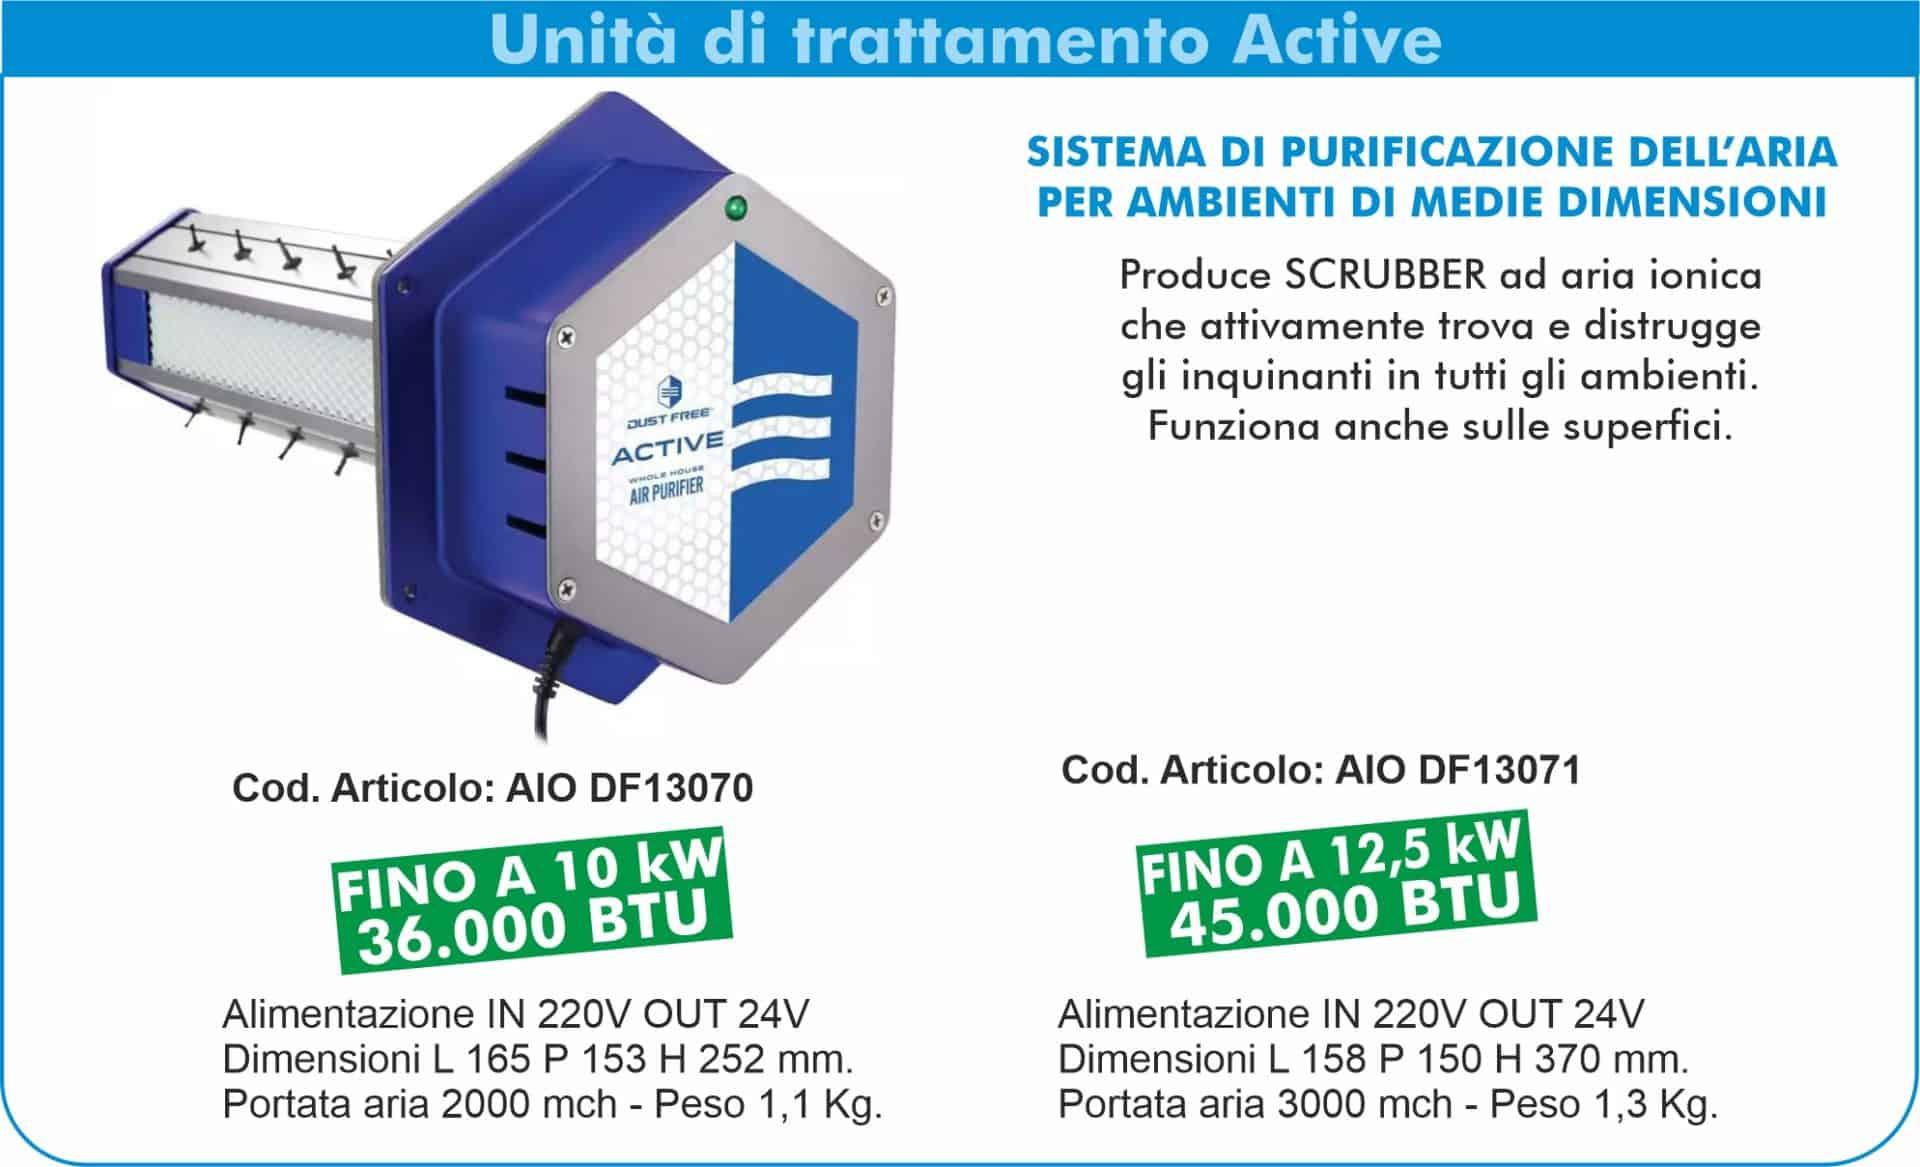 Sistemi di sanificazione attiva Dust Free | Elettrogruppo ZeroUno | TO | unità di trattamento active